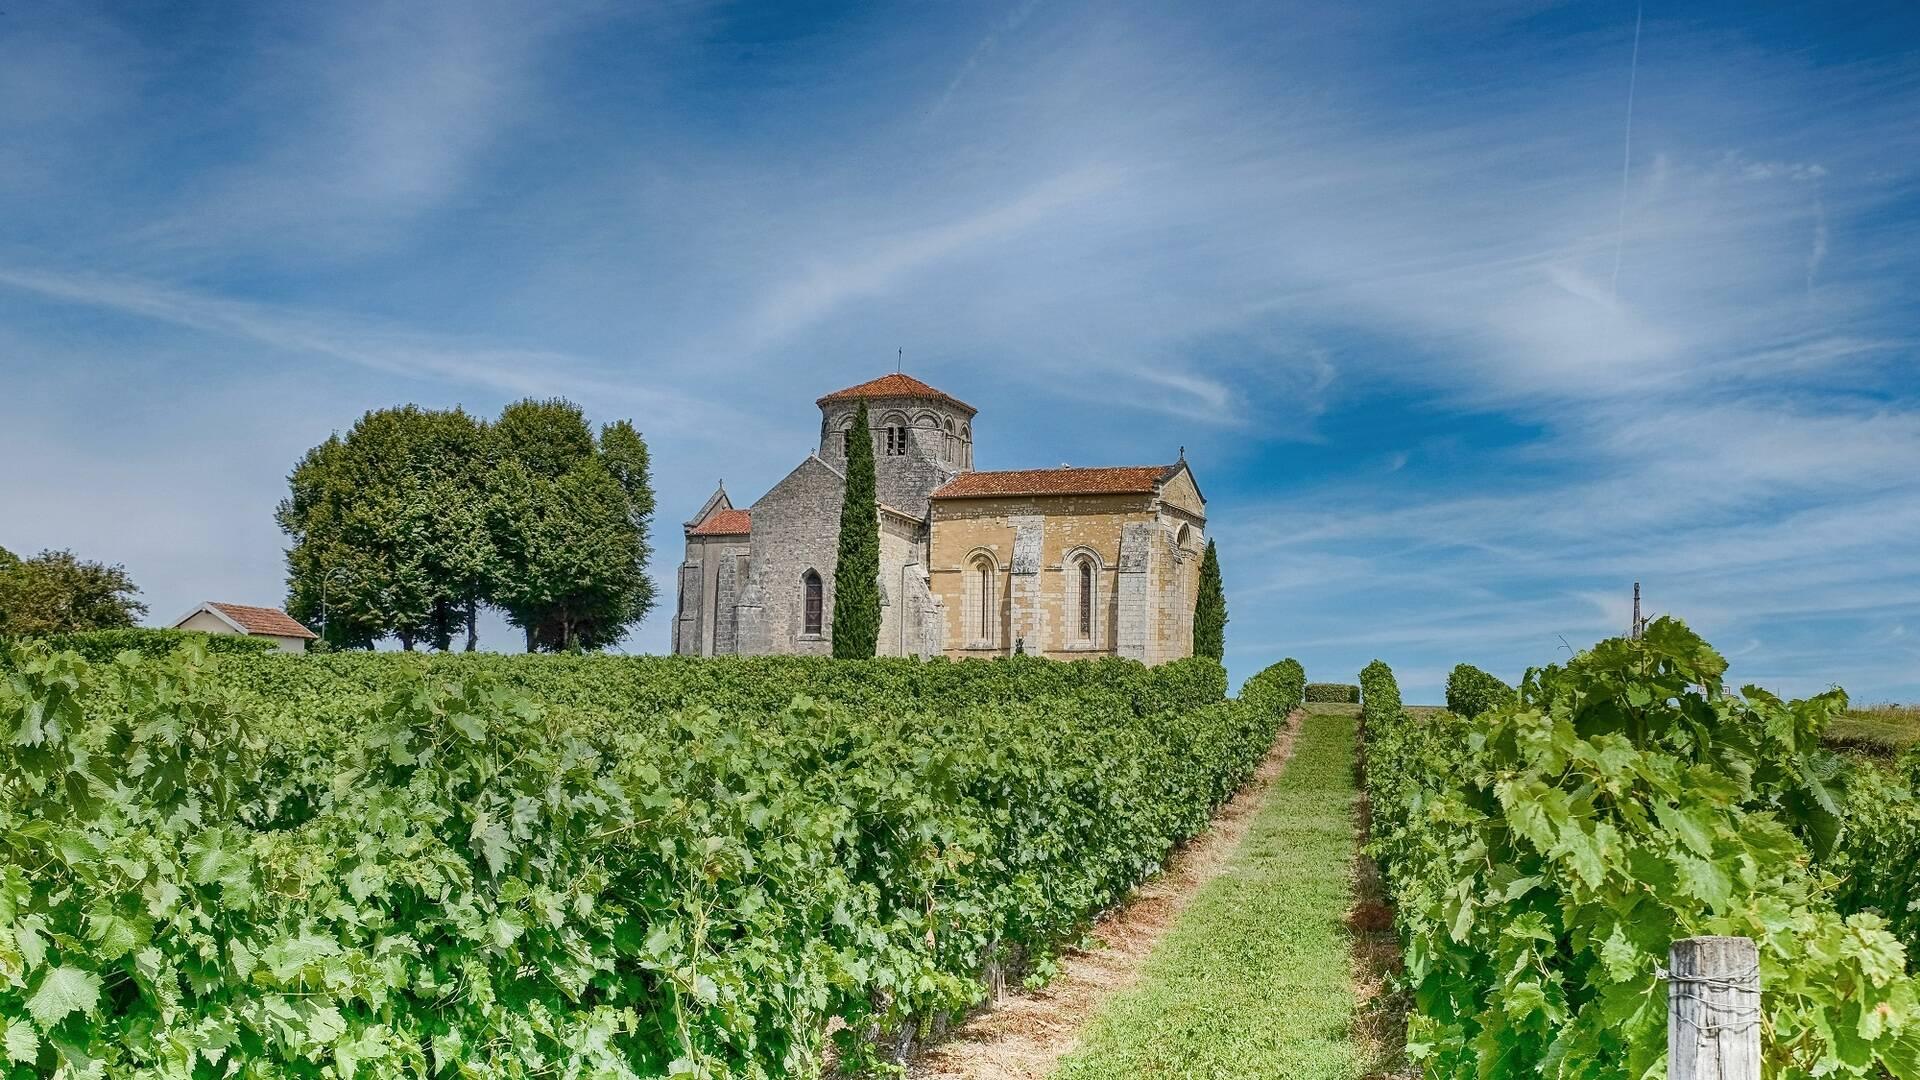 Eglise romane dans le vignoble du cognac - ©Shutterstock